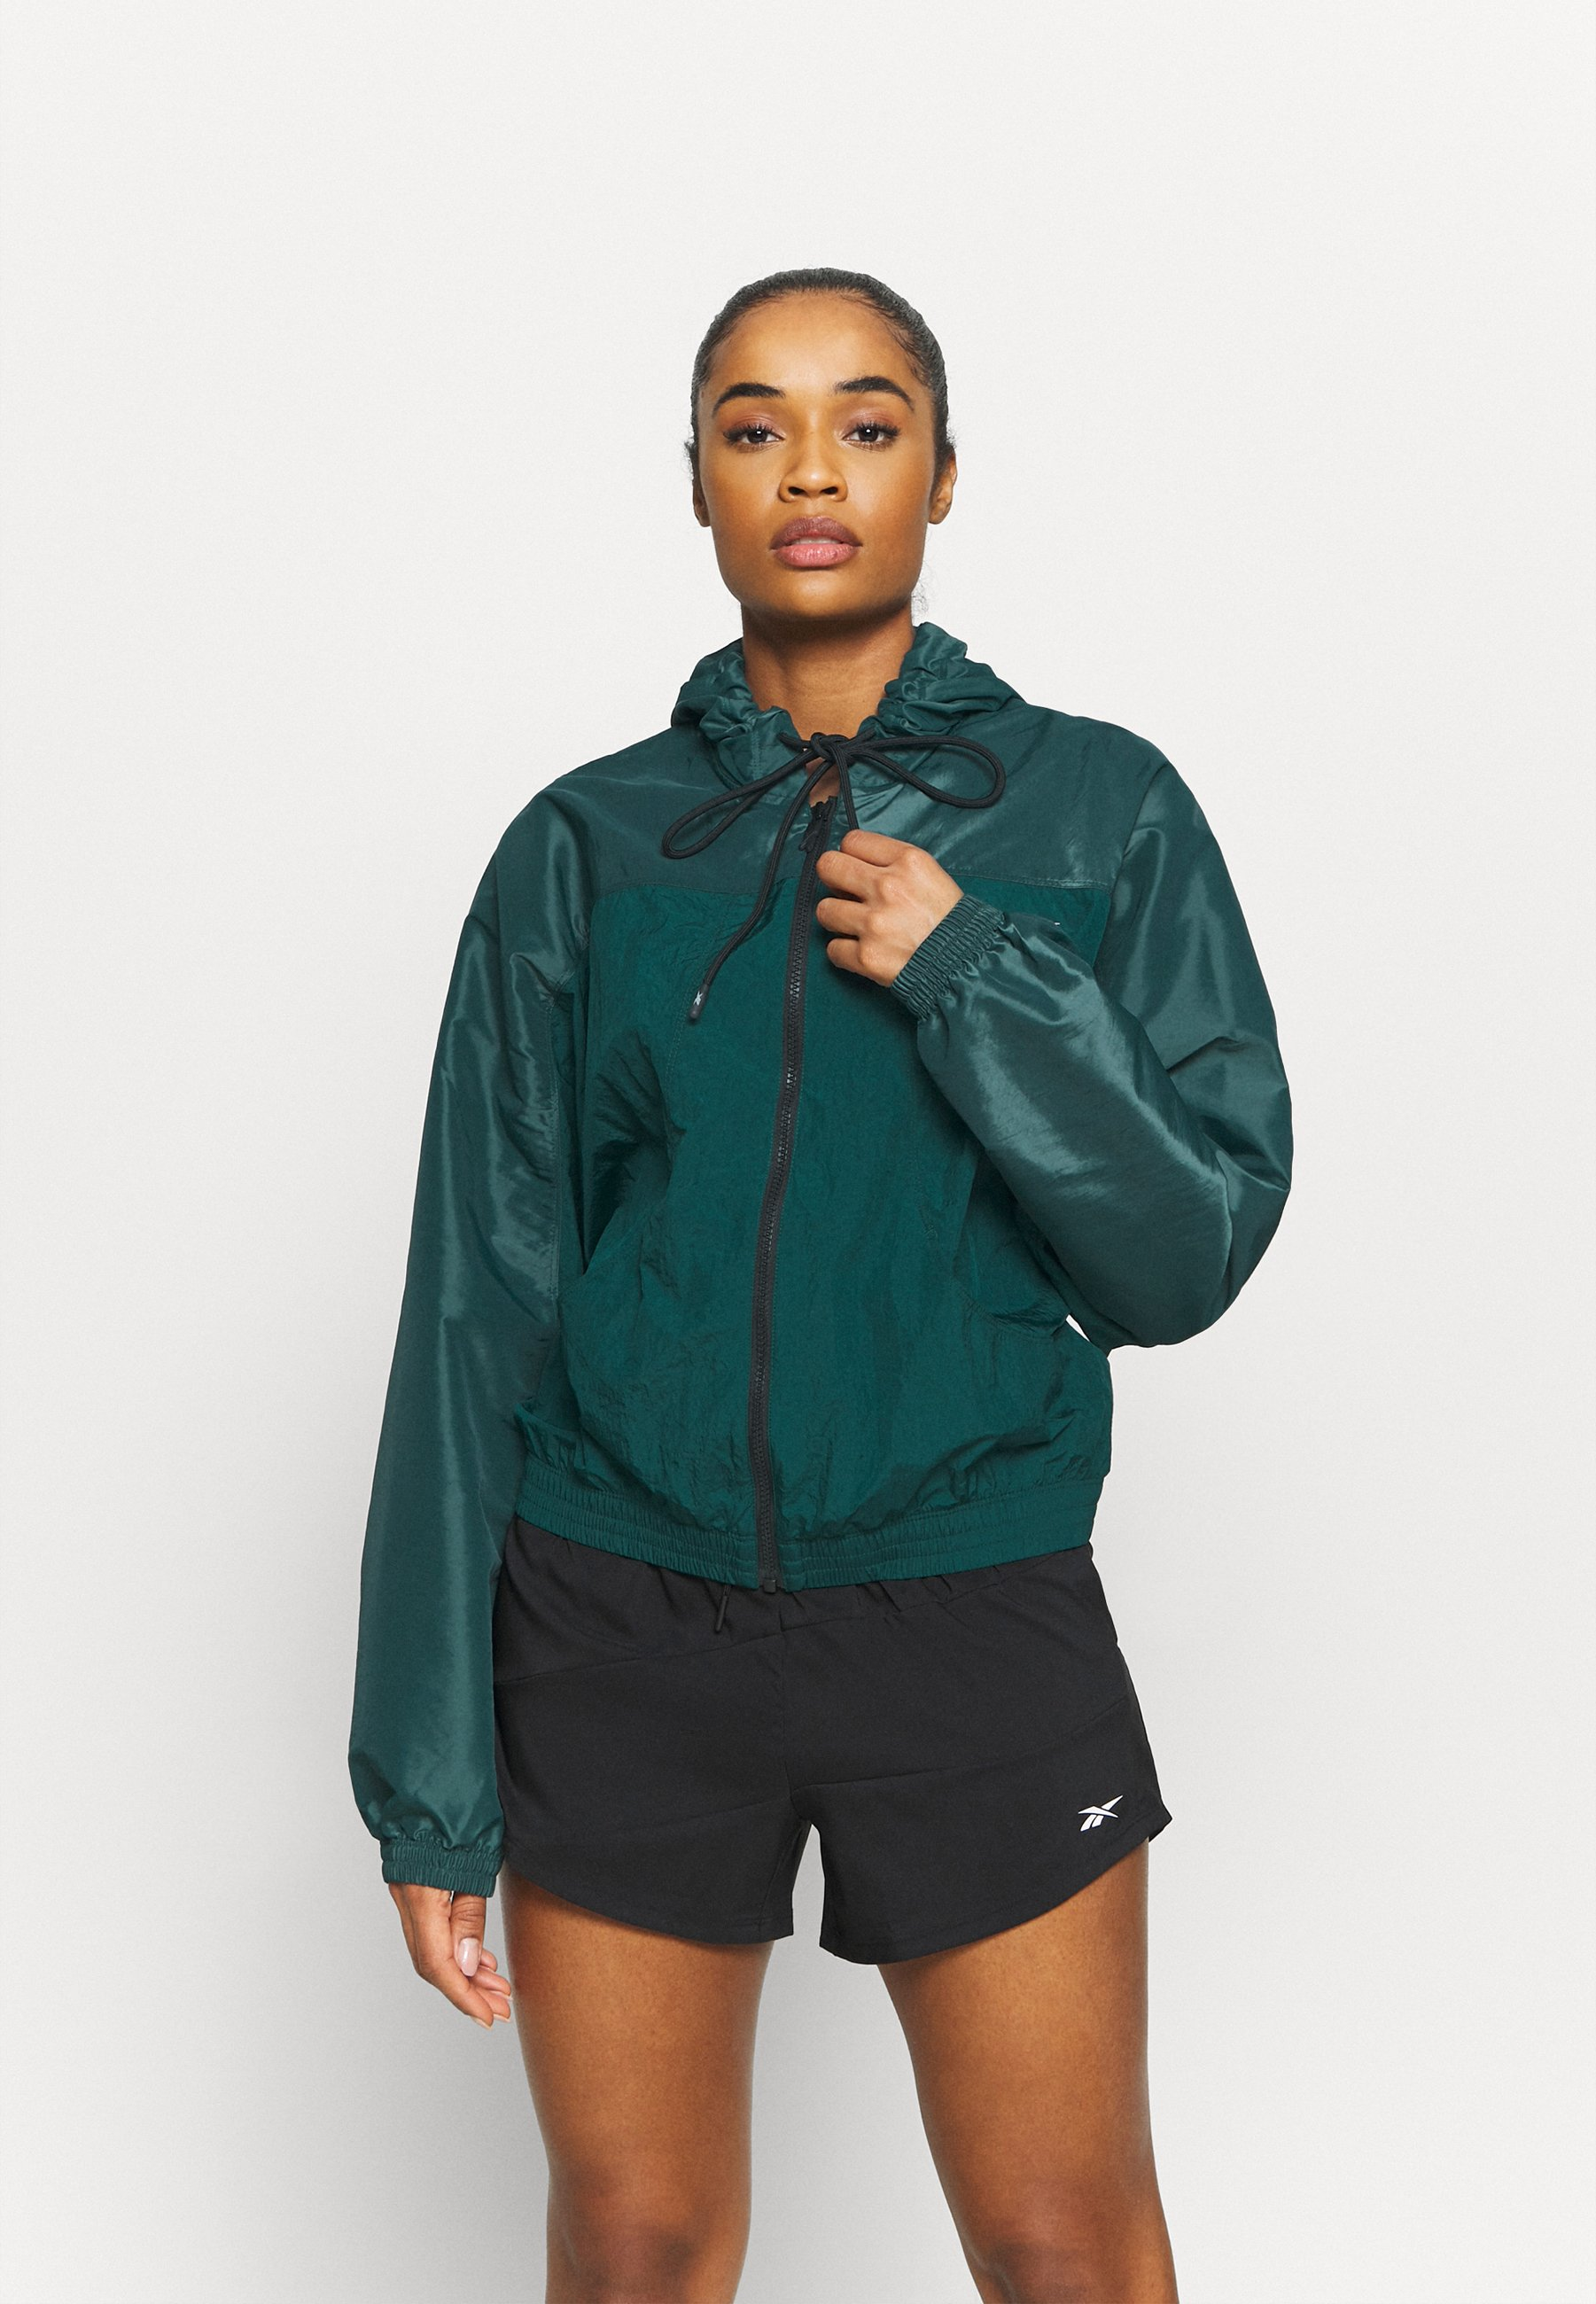 Women SHINY WOVEN JACKET - Training jacket